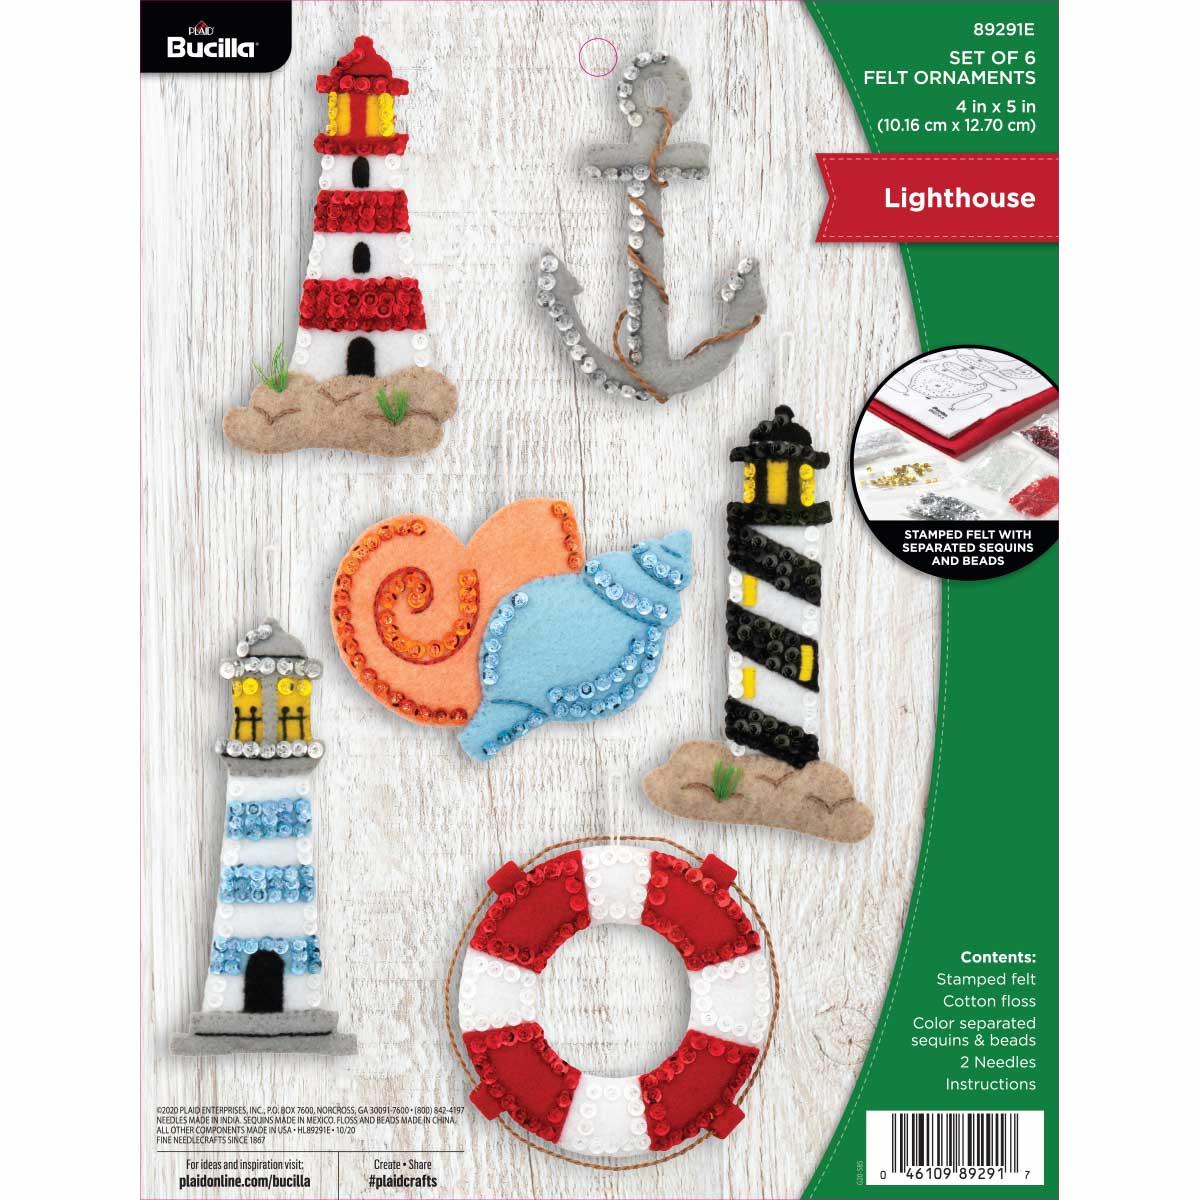 Bucilla ® Seasonal - Felt - Ornament Kits - Lighthouse - 89291E